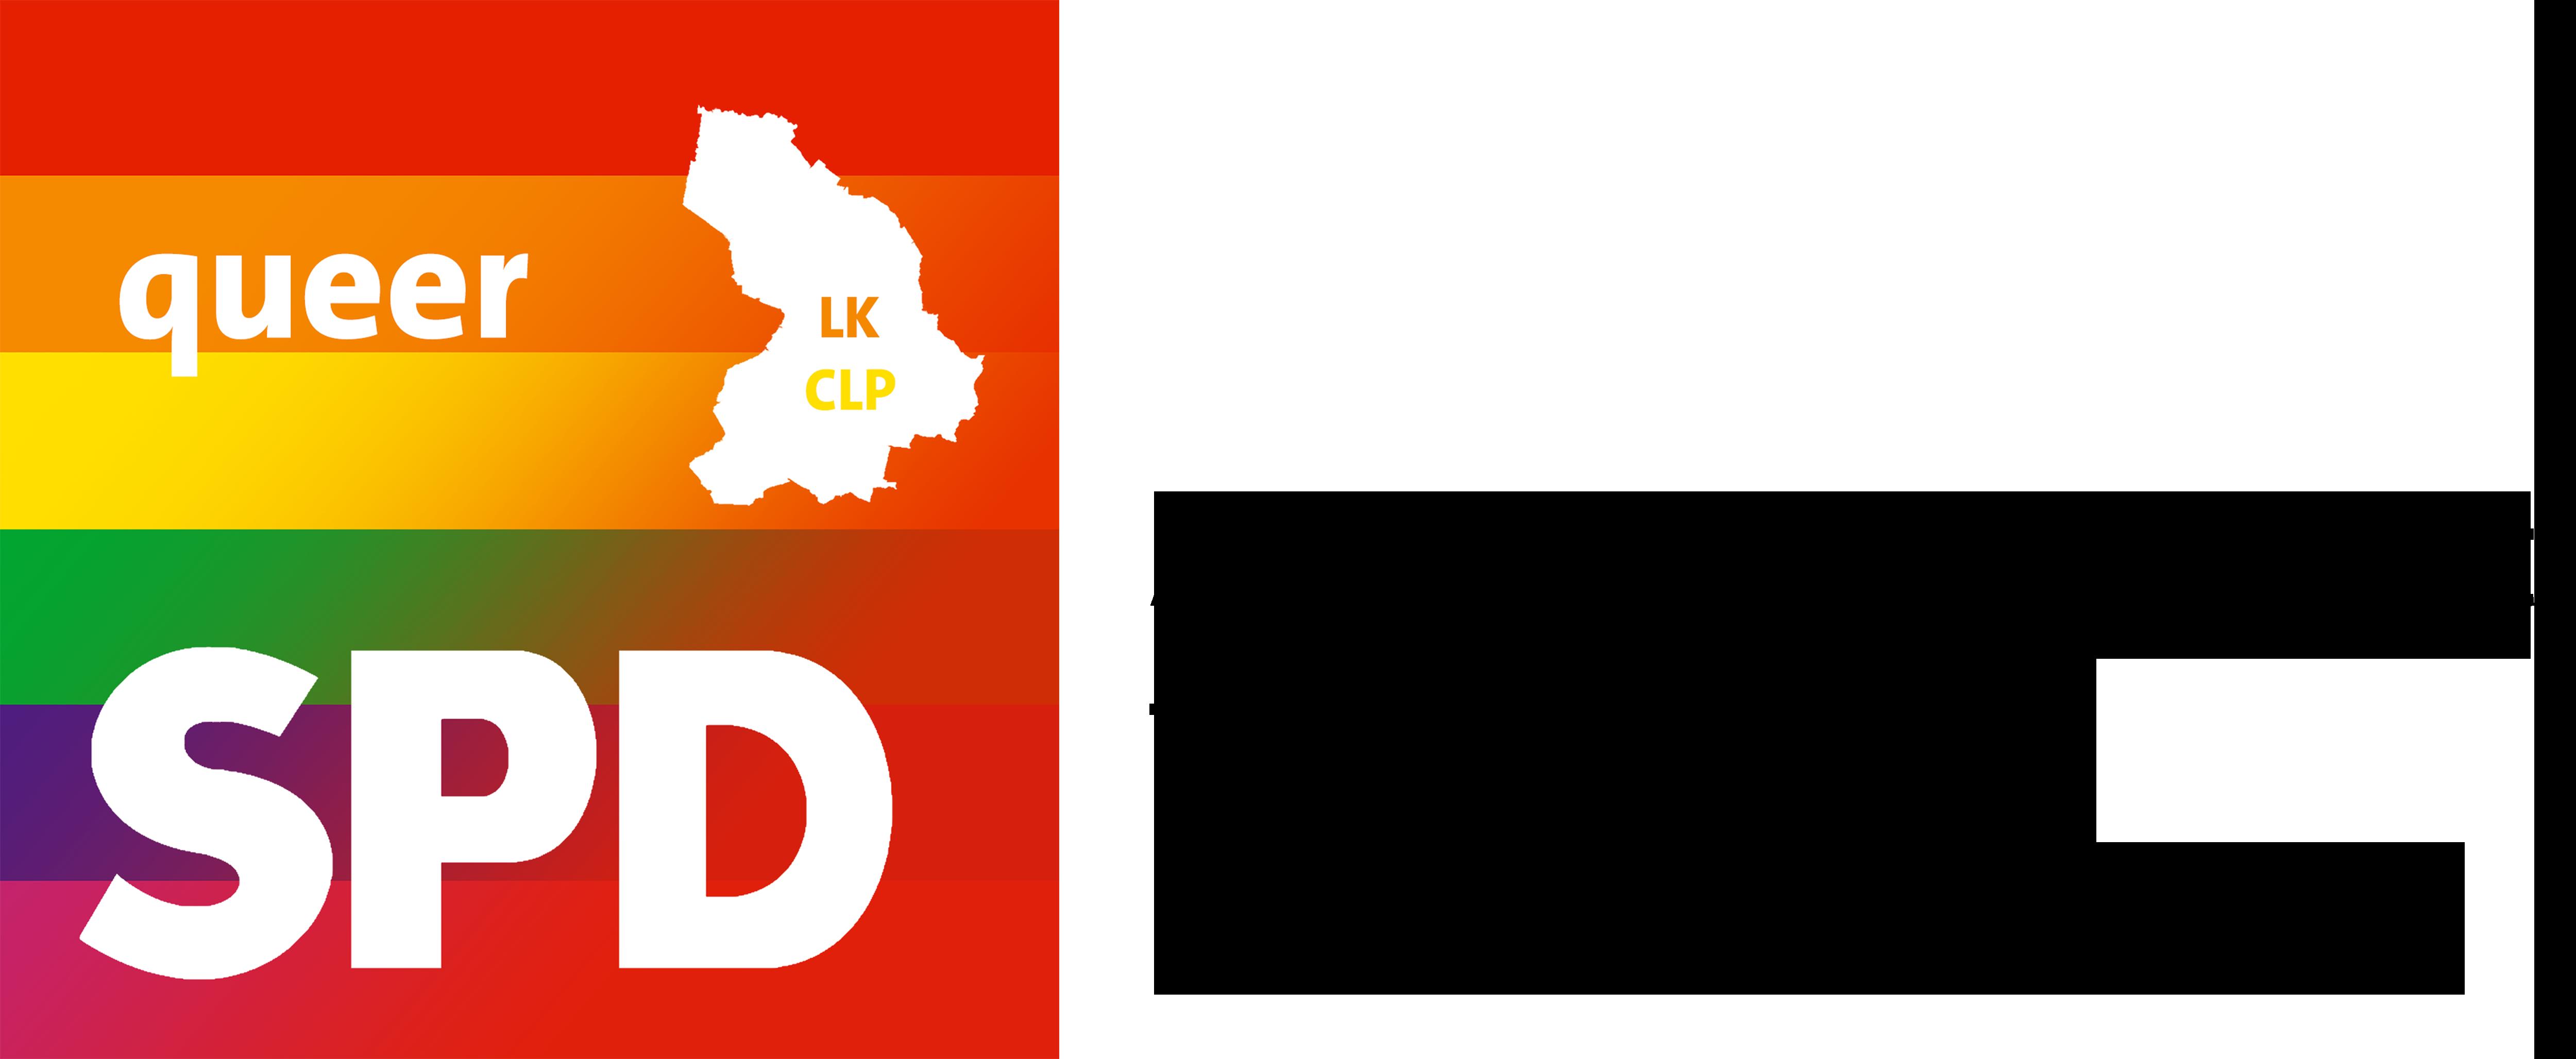 SPDqueer LK CLP